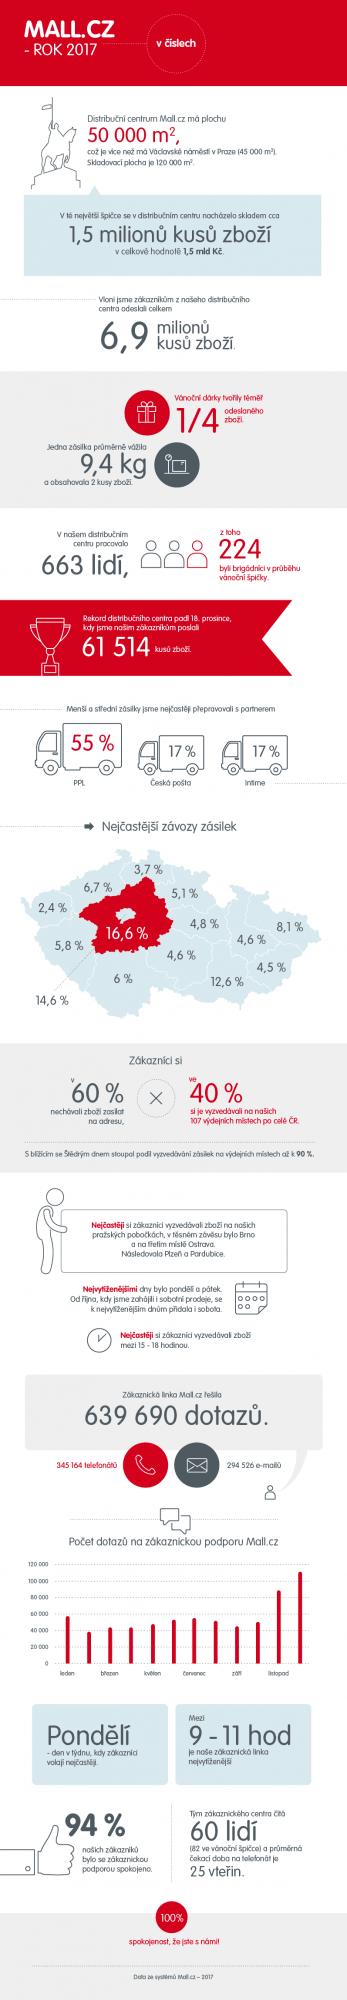 MALL.cz rok 2017 v číslech